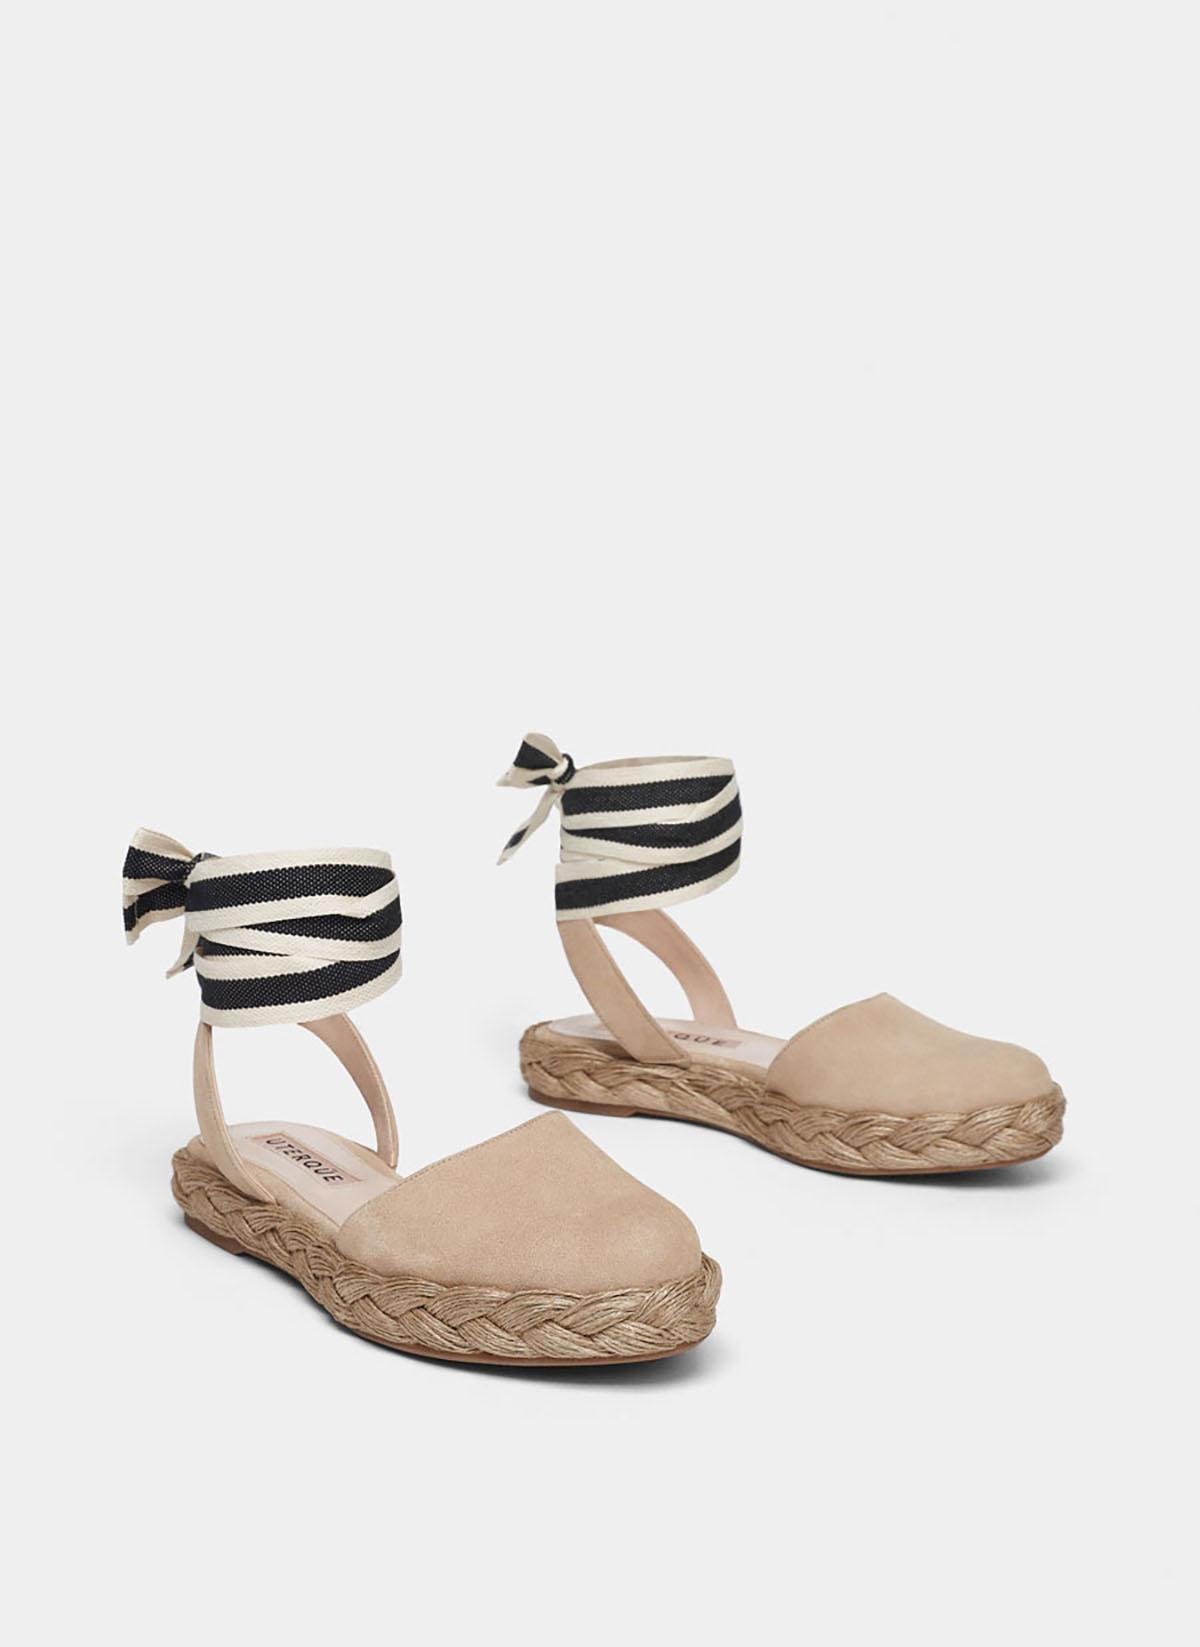 diseño atemporal 8f25f 81a02 Alpargatas y sandalias de yute, los zapatos de primavera ...